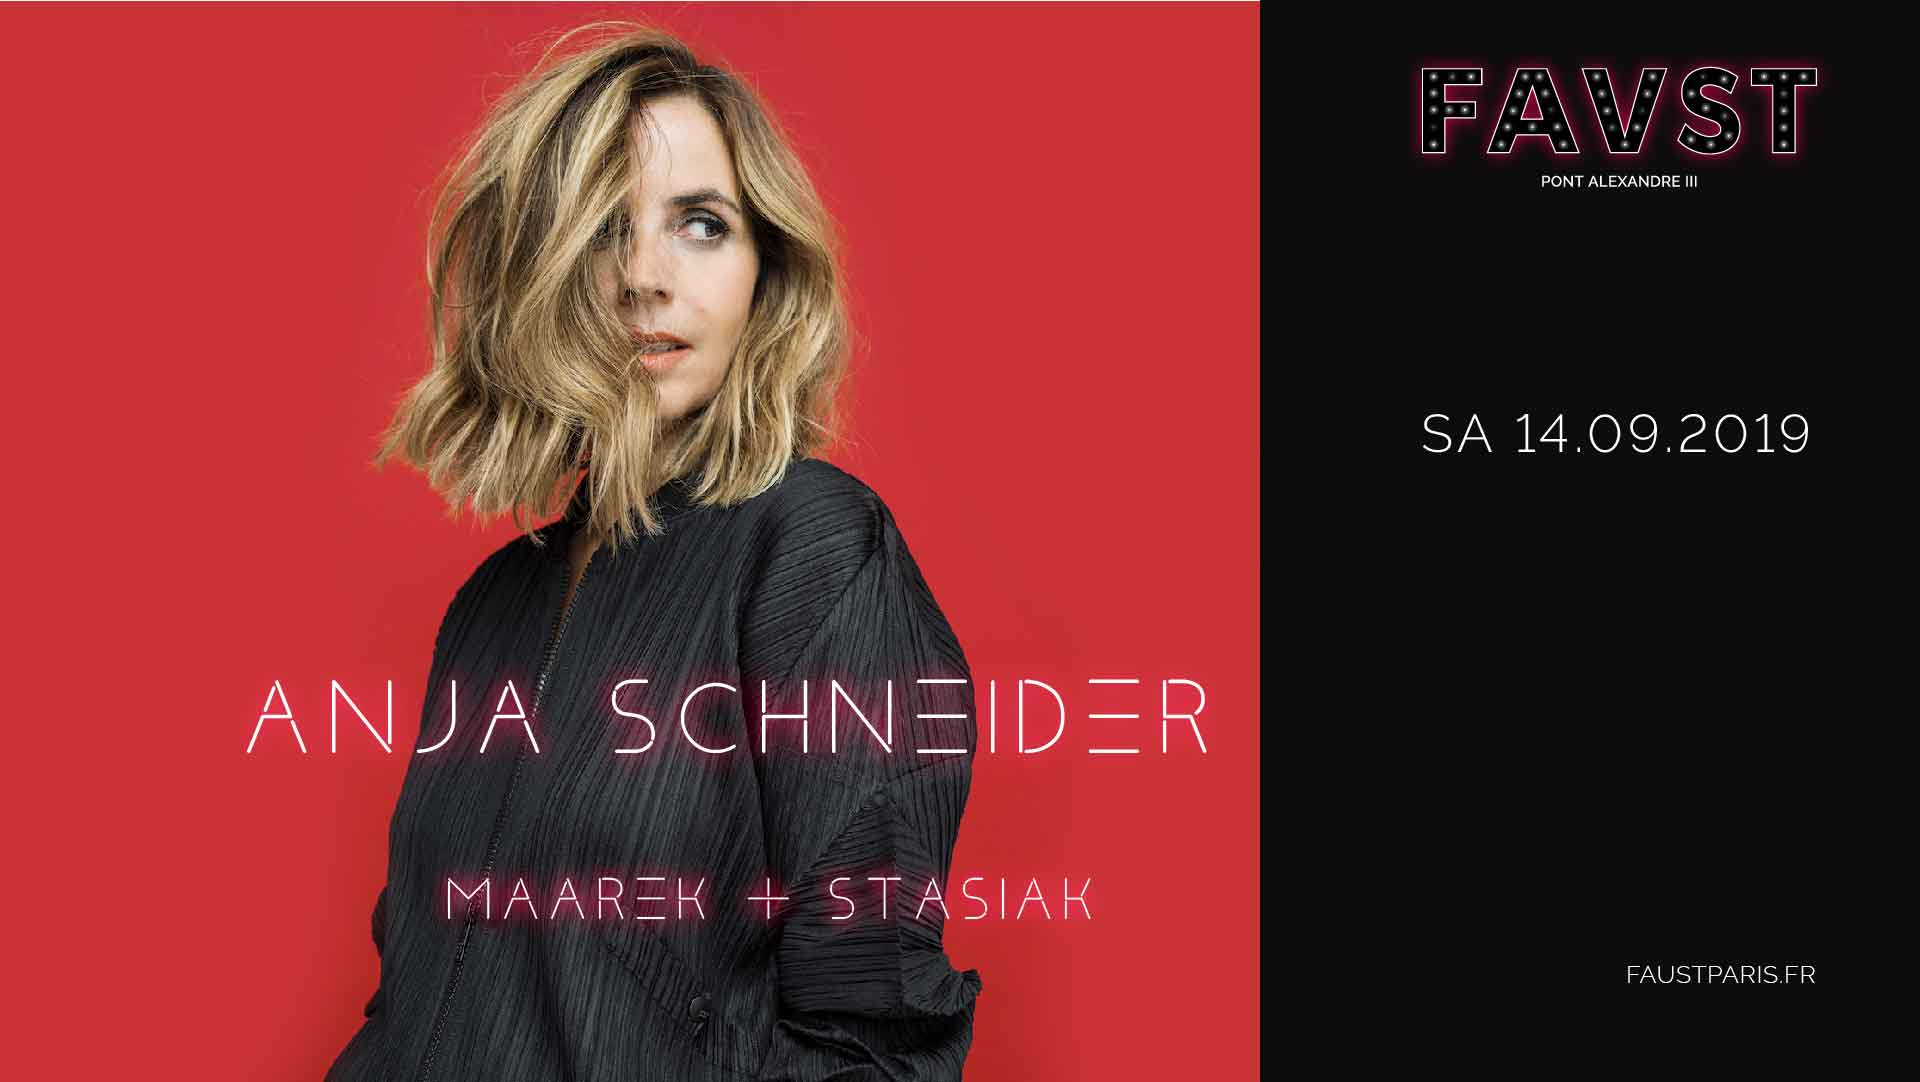 Faust: Anja Schneider, Maarek & Stasiak